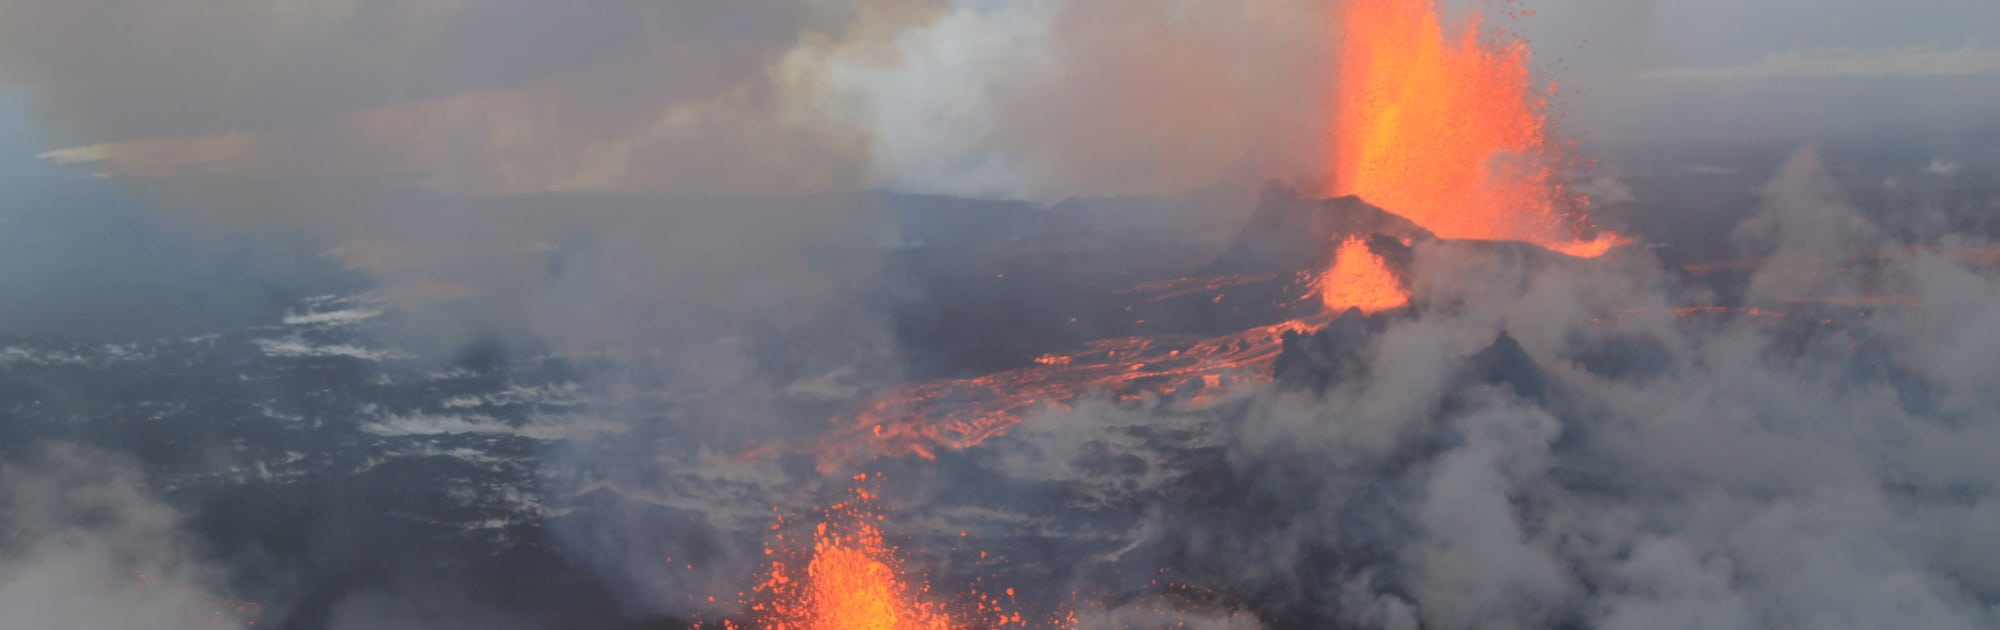 10 Lebensgefährliche Vulkane Der Erde - Spektrum Der ganzes Wie Heißt Der Größte Vulkan Der Welt